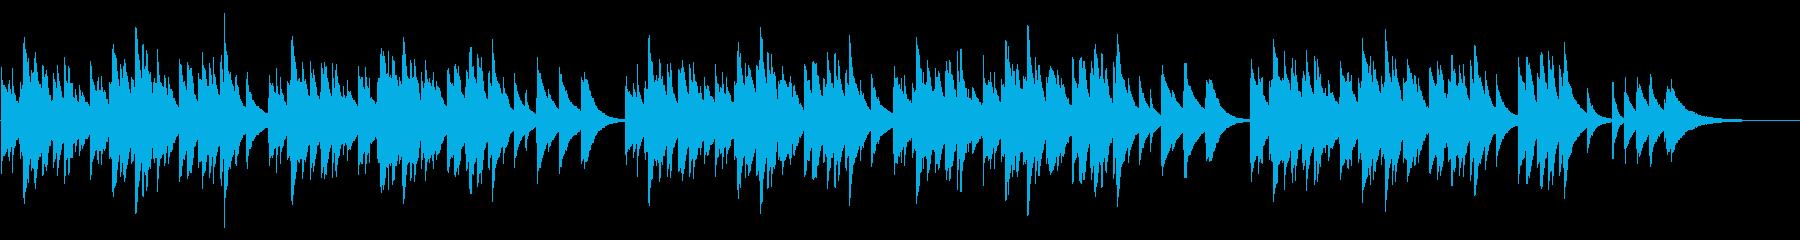 あめふり 72弁オルゴールの再生済みの波形